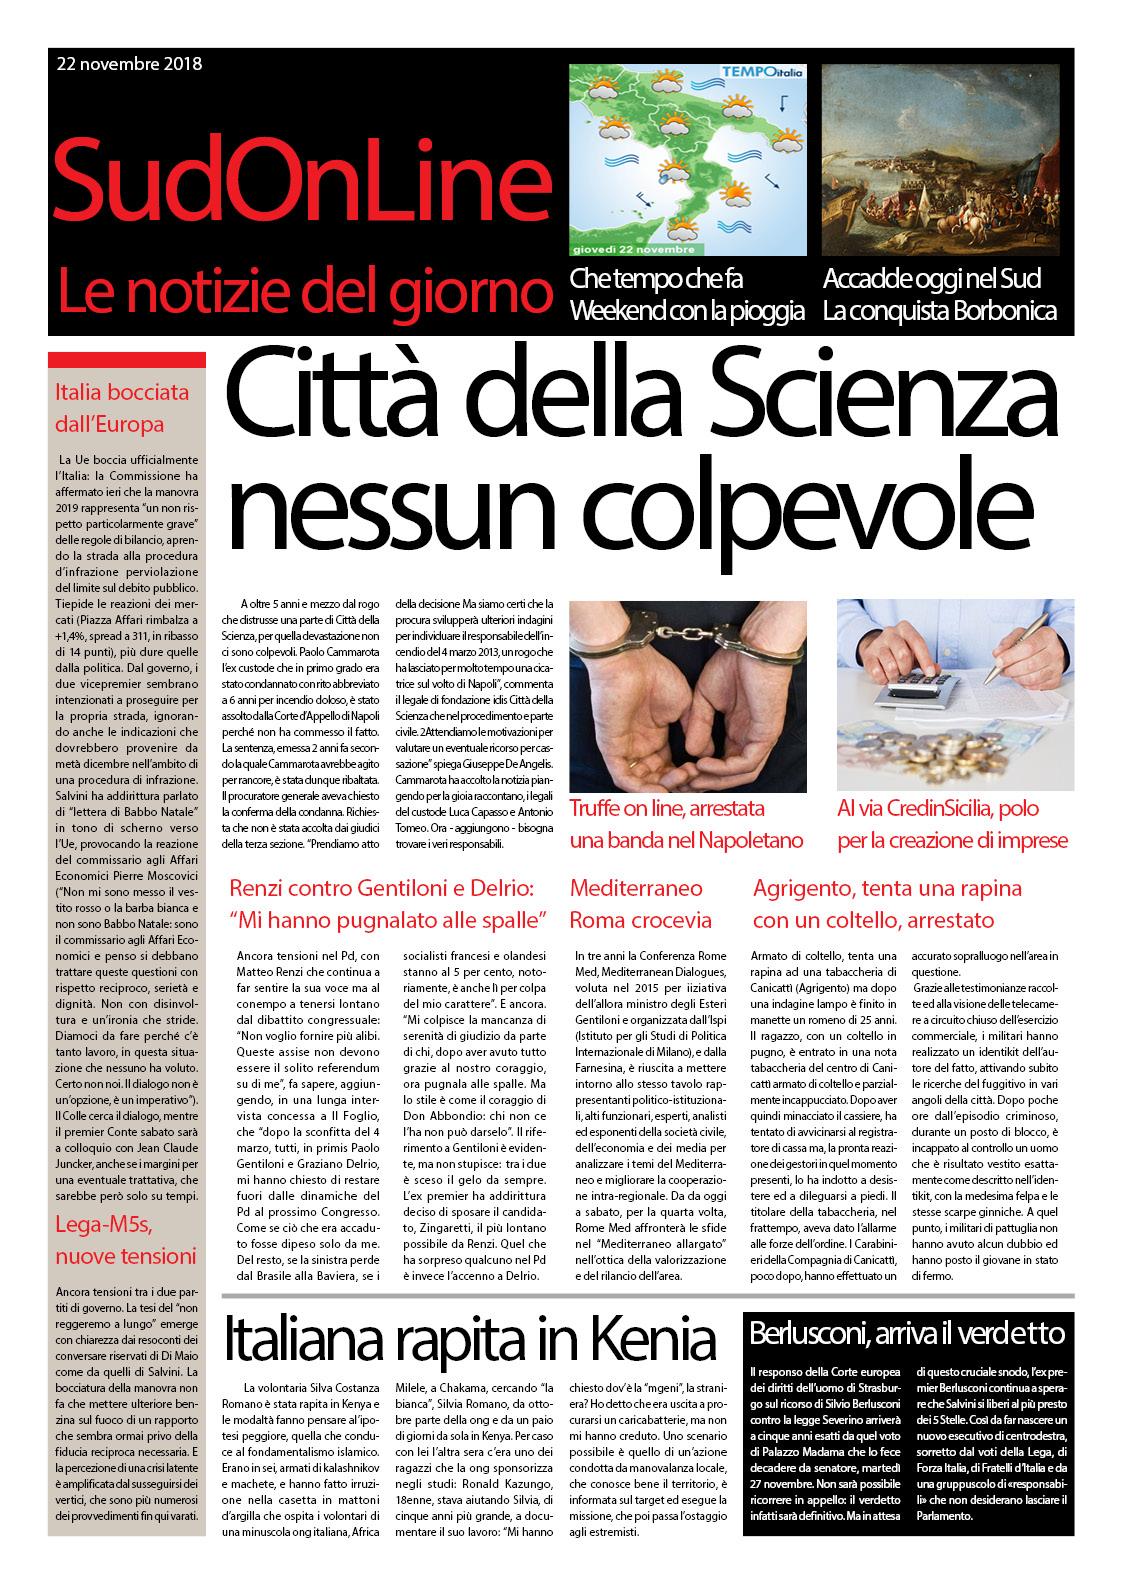 Il SudonLine quotidiano: Città della scienza, dopo 5 anni nessun colpevole – Italiana rapita in Kenia